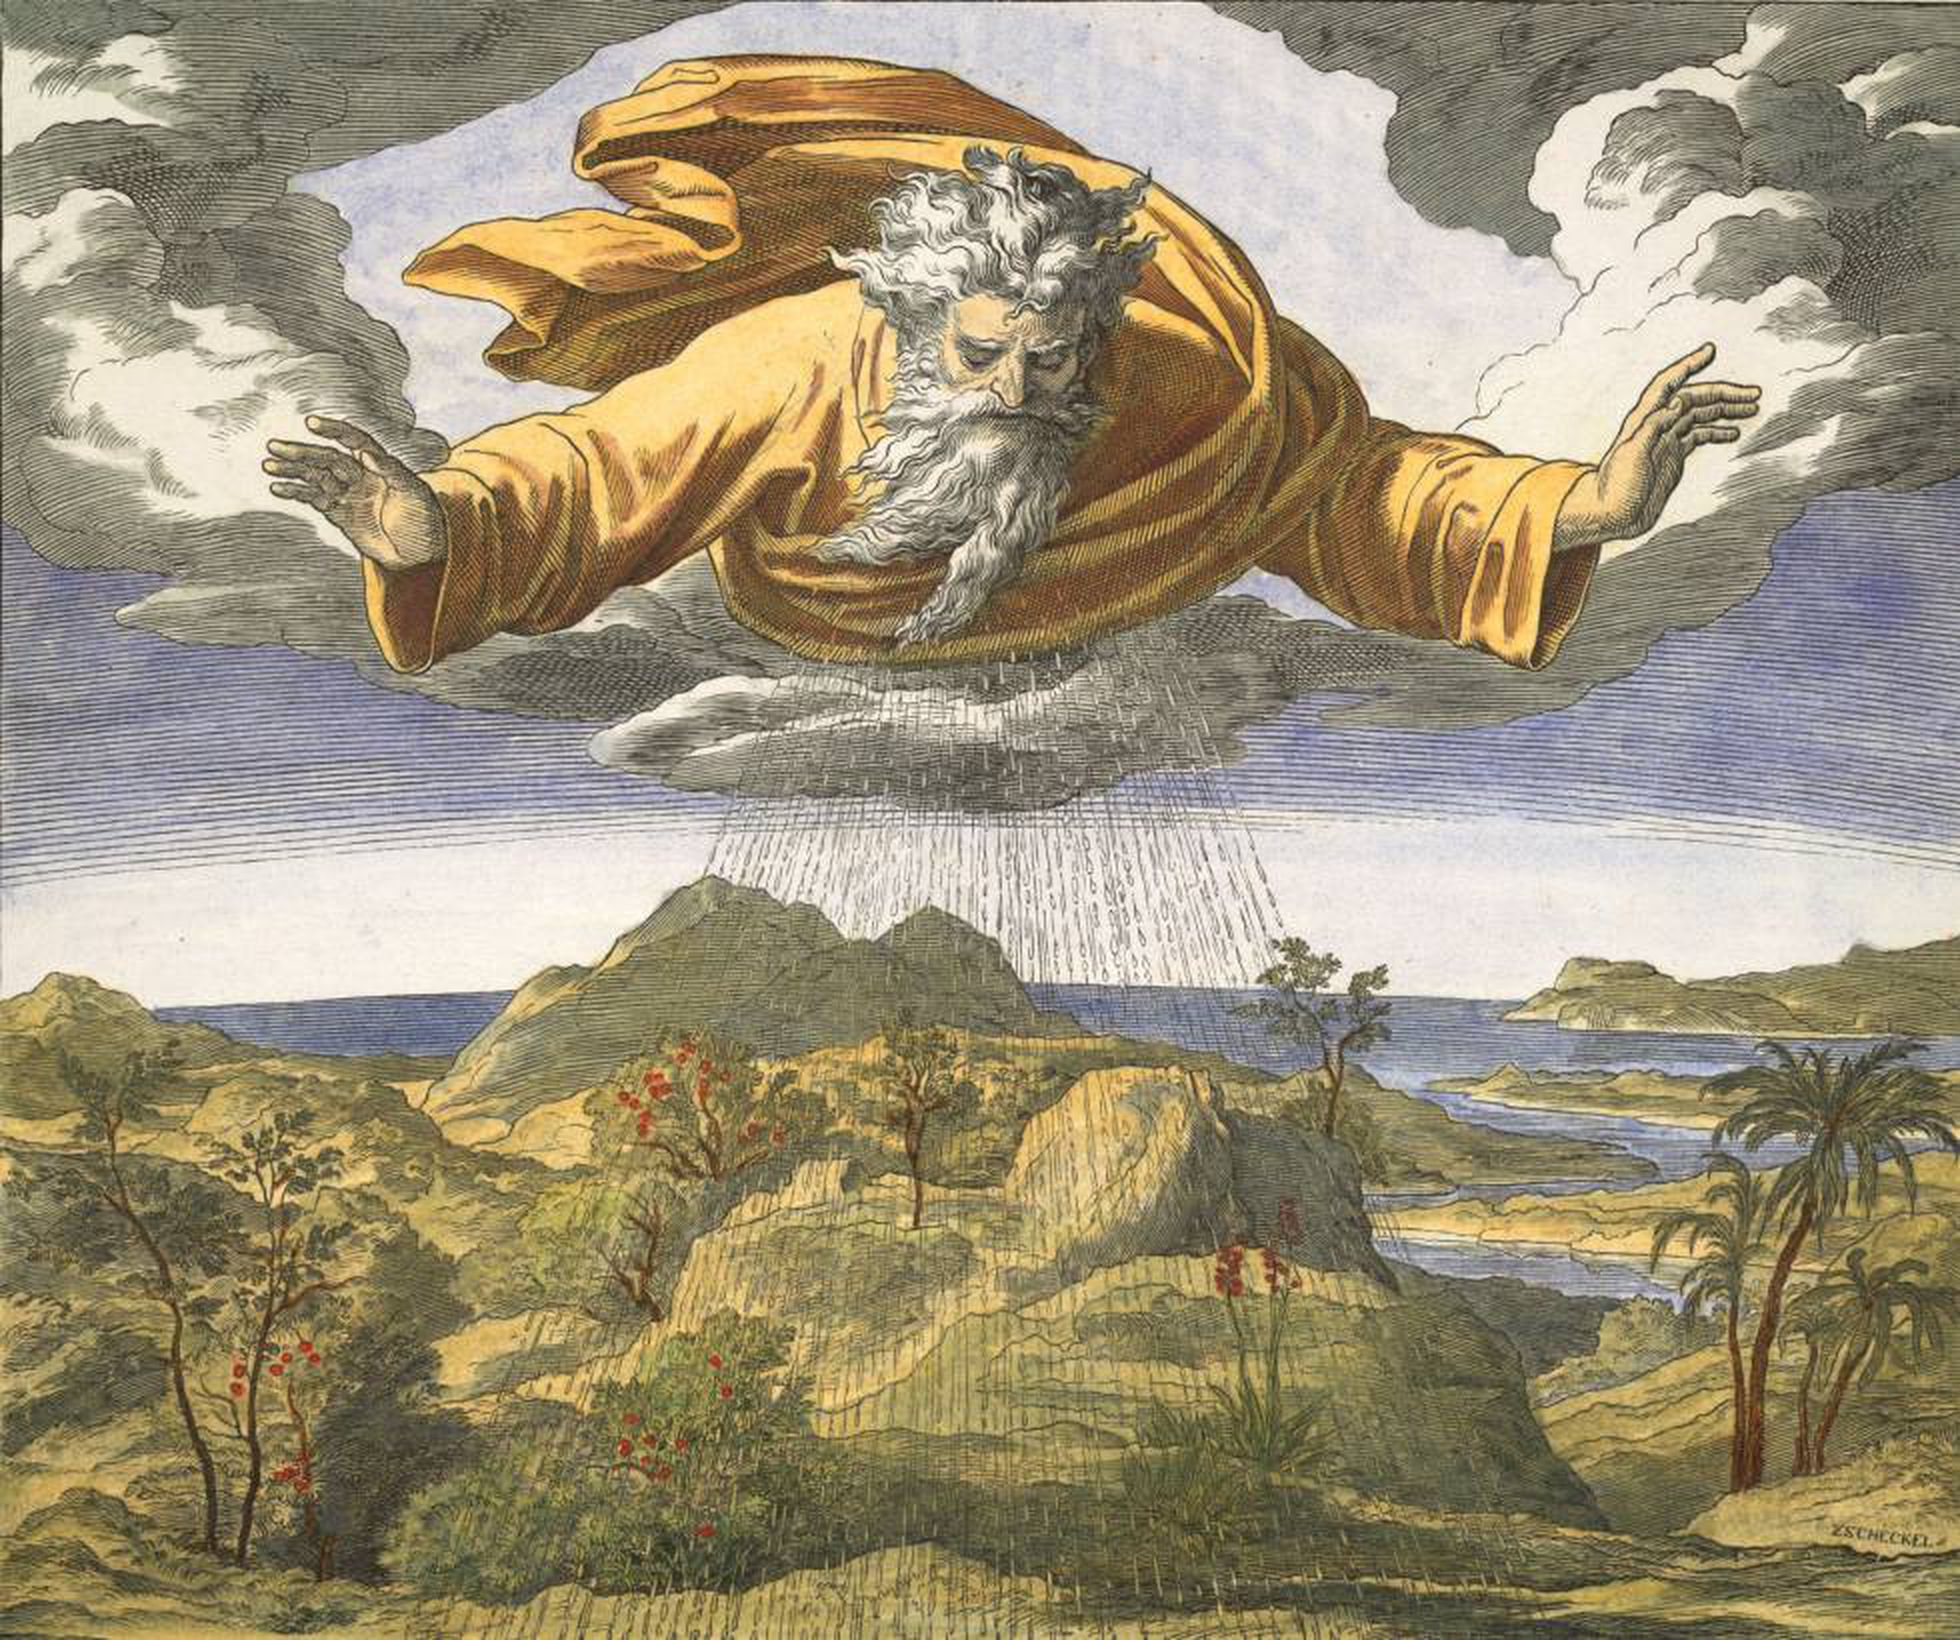 Por qué Dios permite cagarse en Dios? | Sepa usted | EL PAÍS